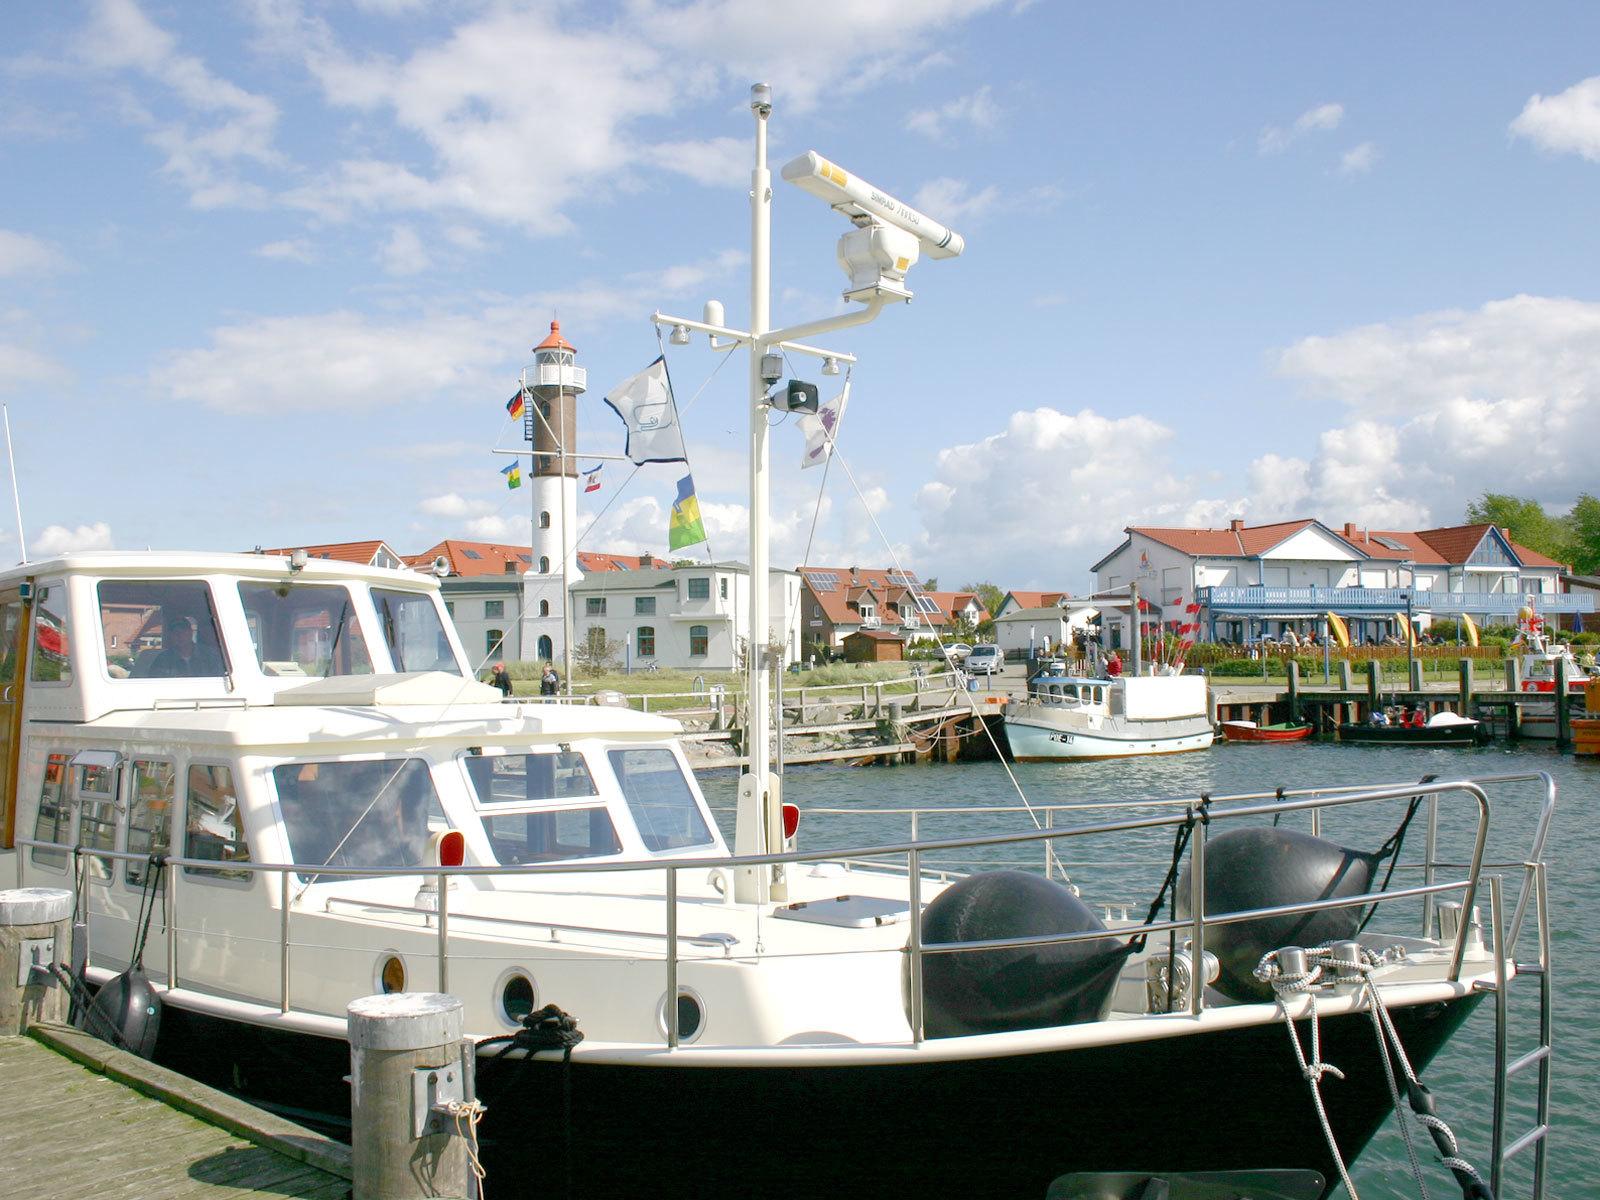 Hafen Timmendorf